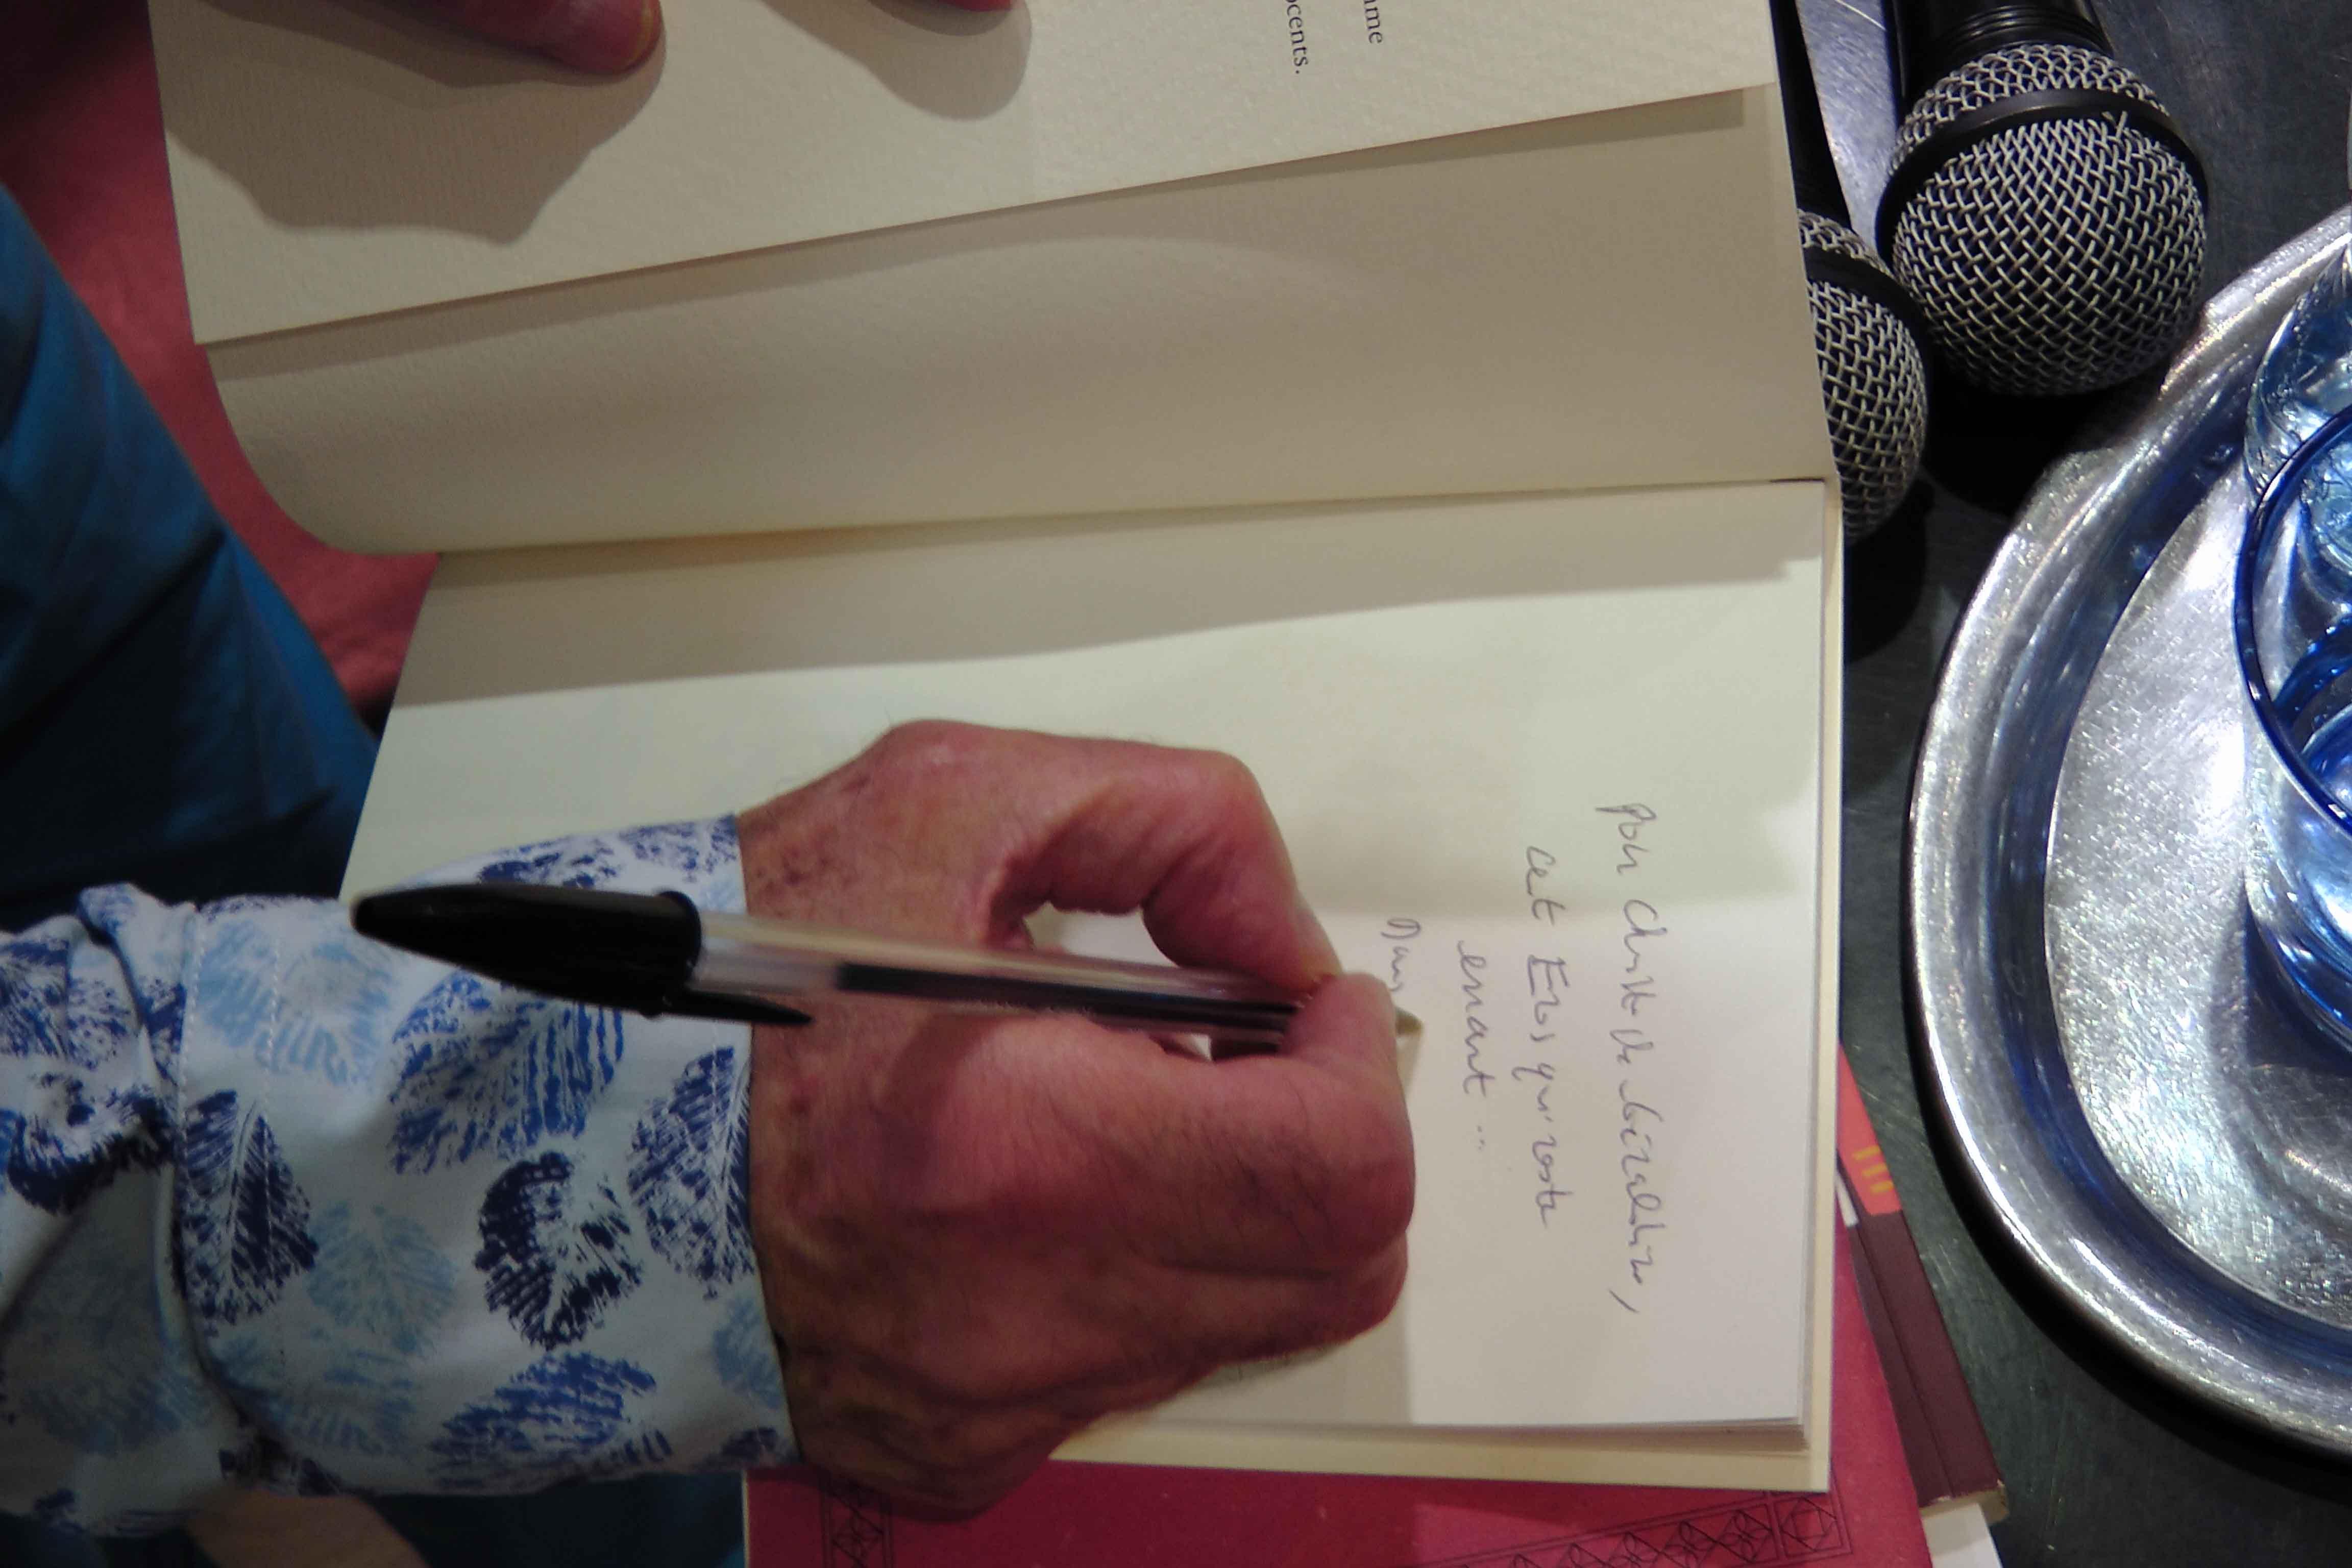 Jacques Sojcher, dédicaces, Librairie Tropismes, Bruxelles, vagabondssanstreves.com